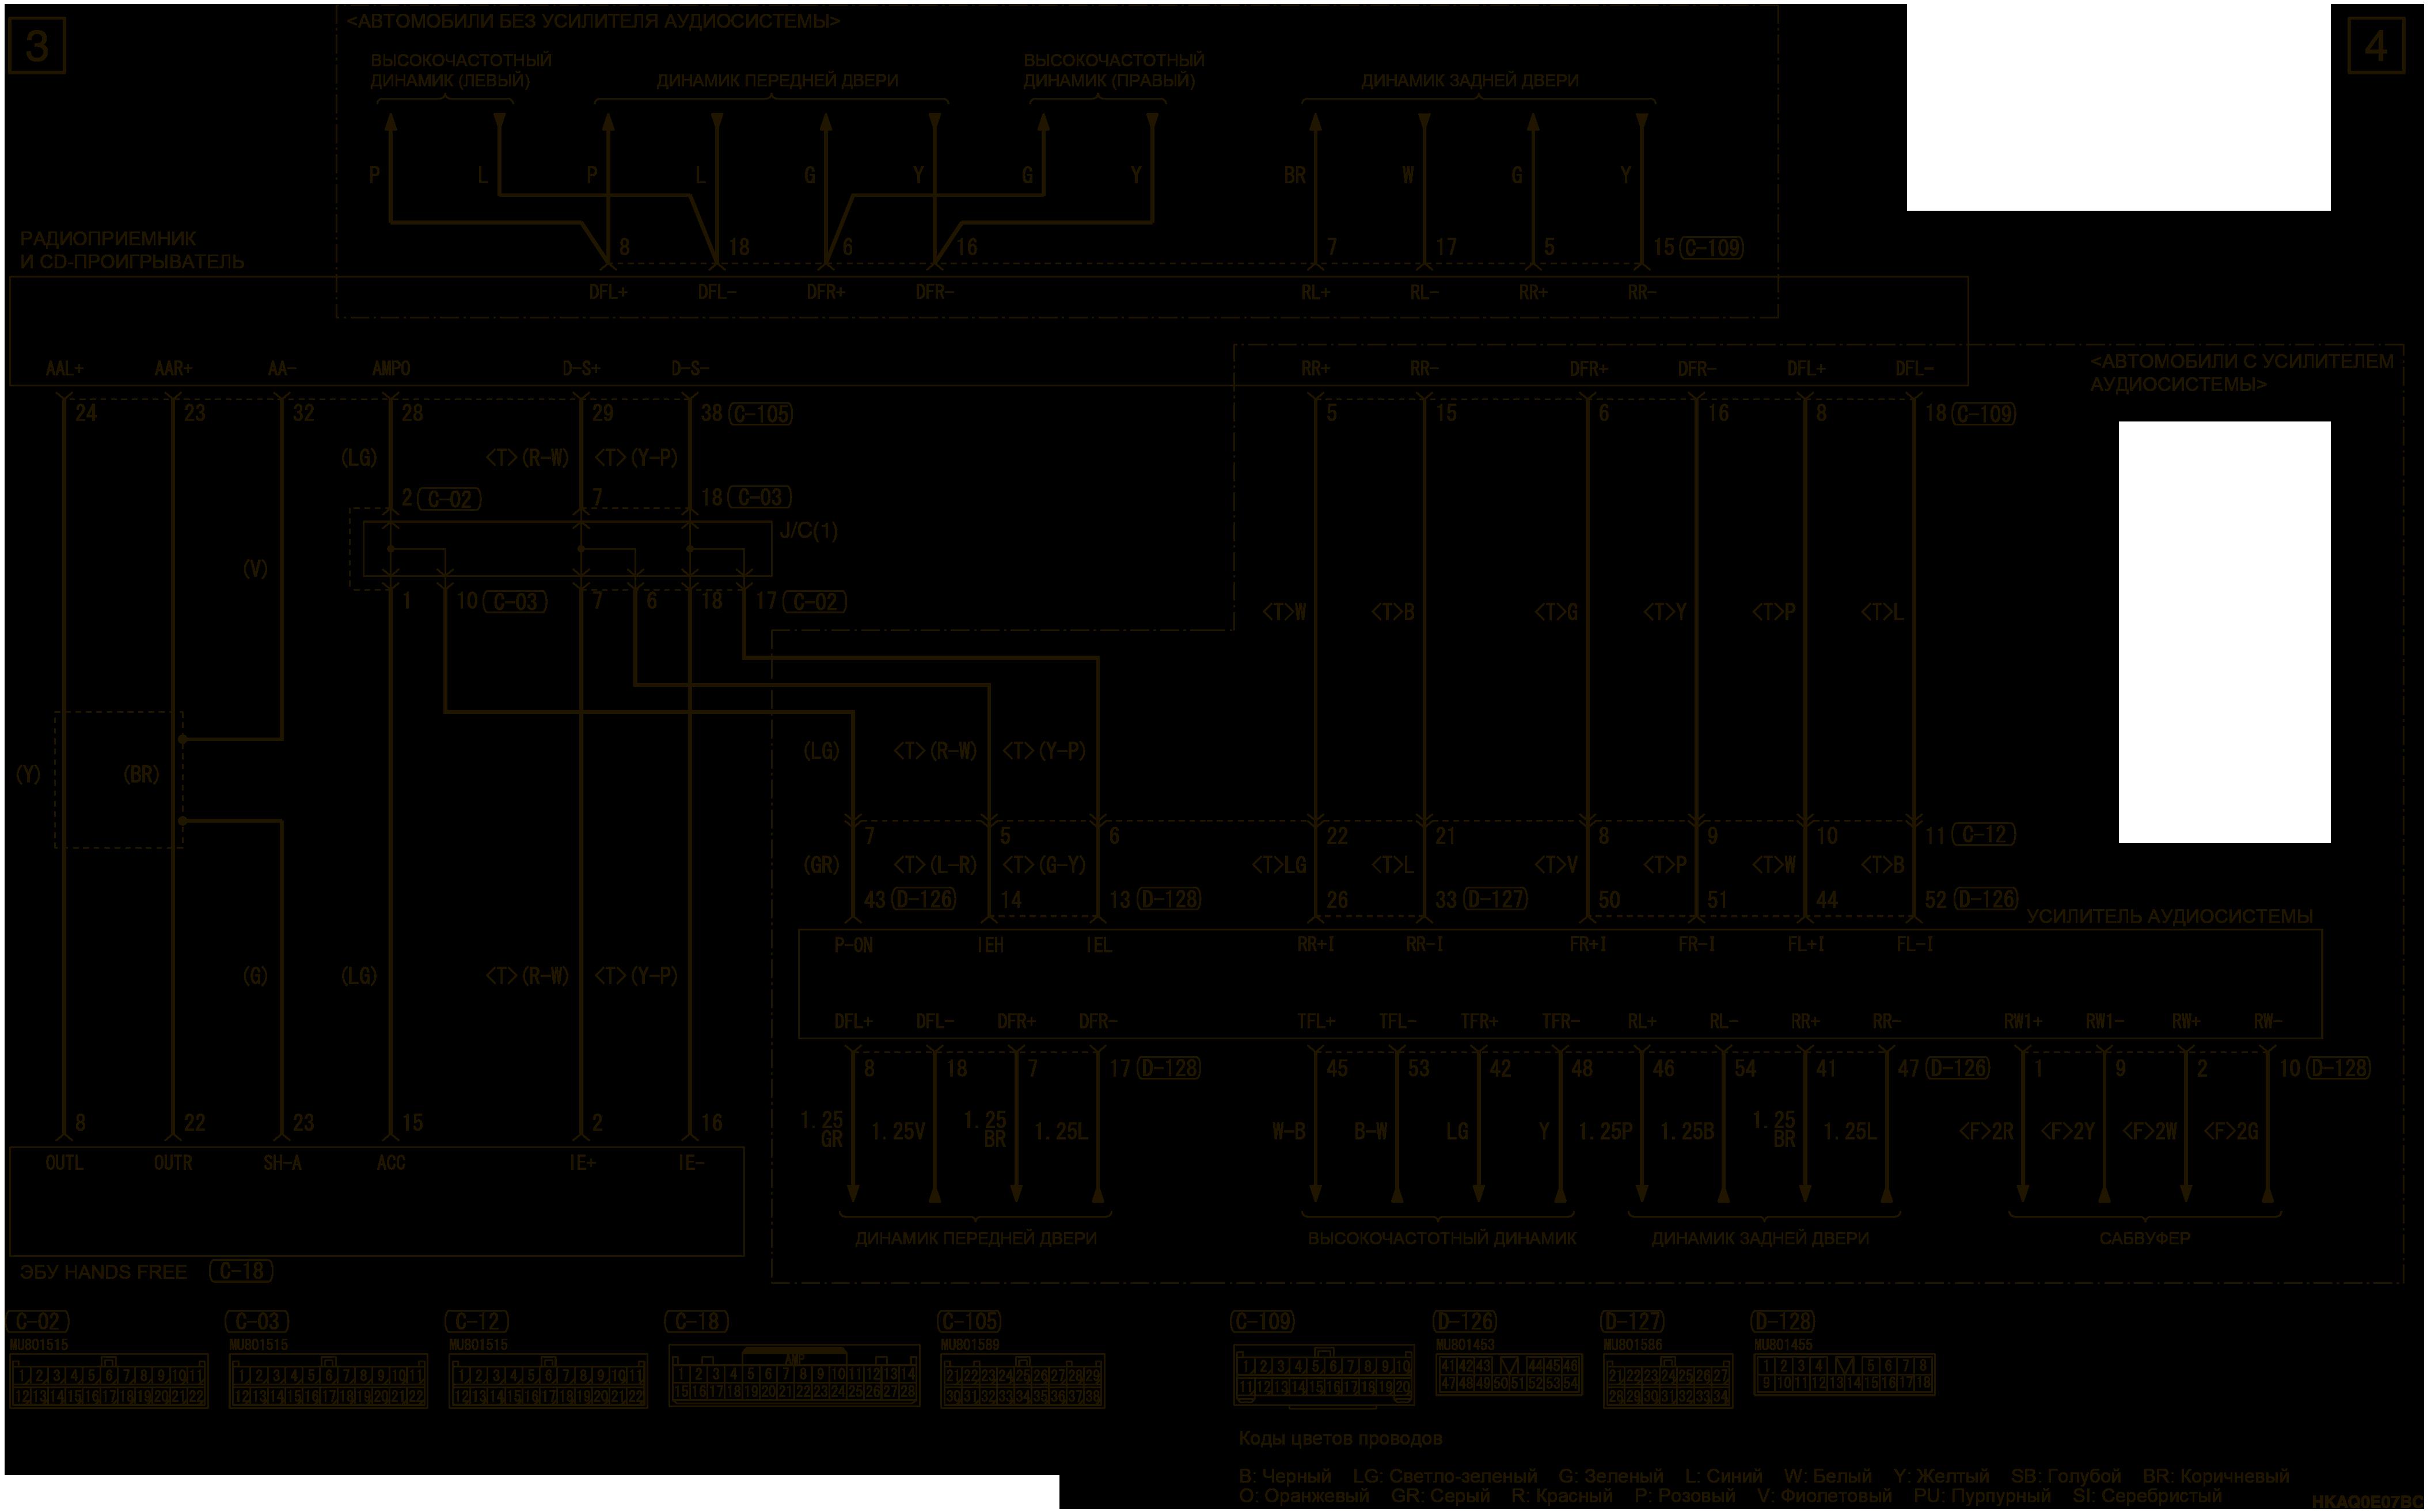 mmc аутлендер 3 2019 электросхемаСИСТЕМА ИНТЕРФЕЙСА HANDS-FREE АВТОМОБИЛИ БЕЗ АУДИОСИСТЕМЫ SMARTPHONE LINK DISPLAY И MMCS (ПРАВОСТОРОННЕЕ УПРАВЛЕНИЕ)